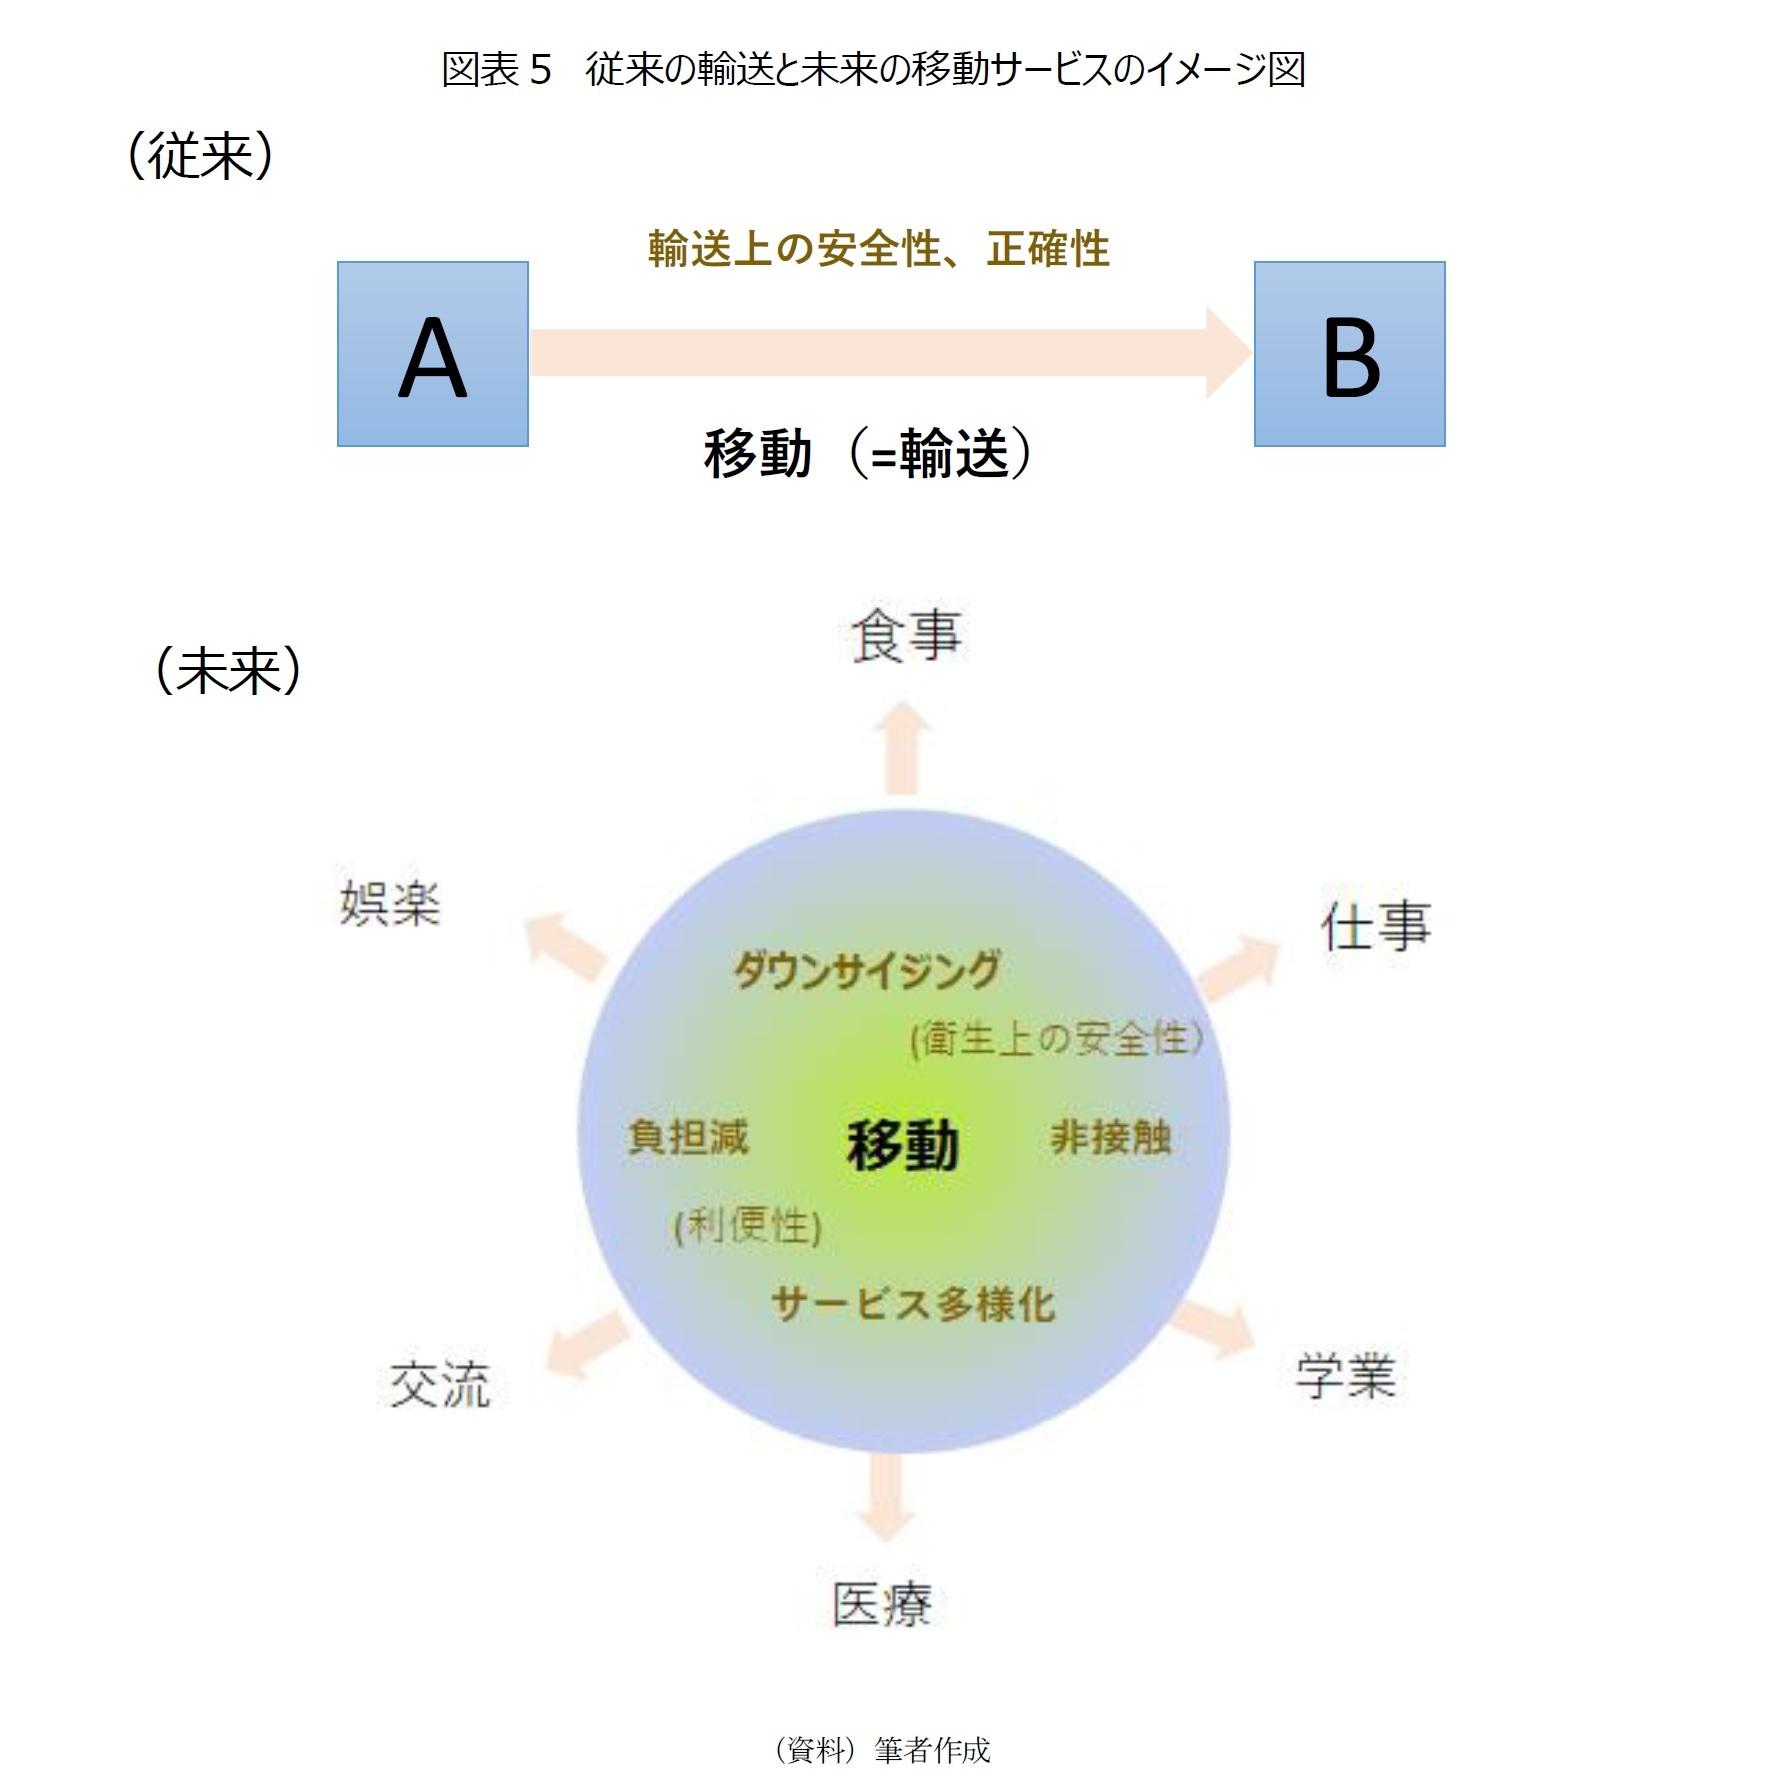 図表5 従来の輸送と未来の移動サービスのイメージ図